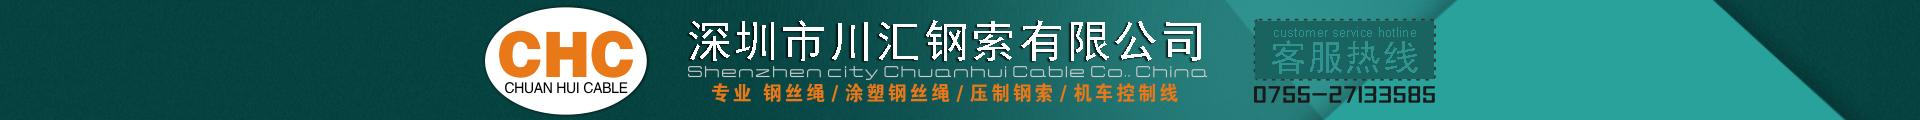 深圳市川匯鋼索有限公司